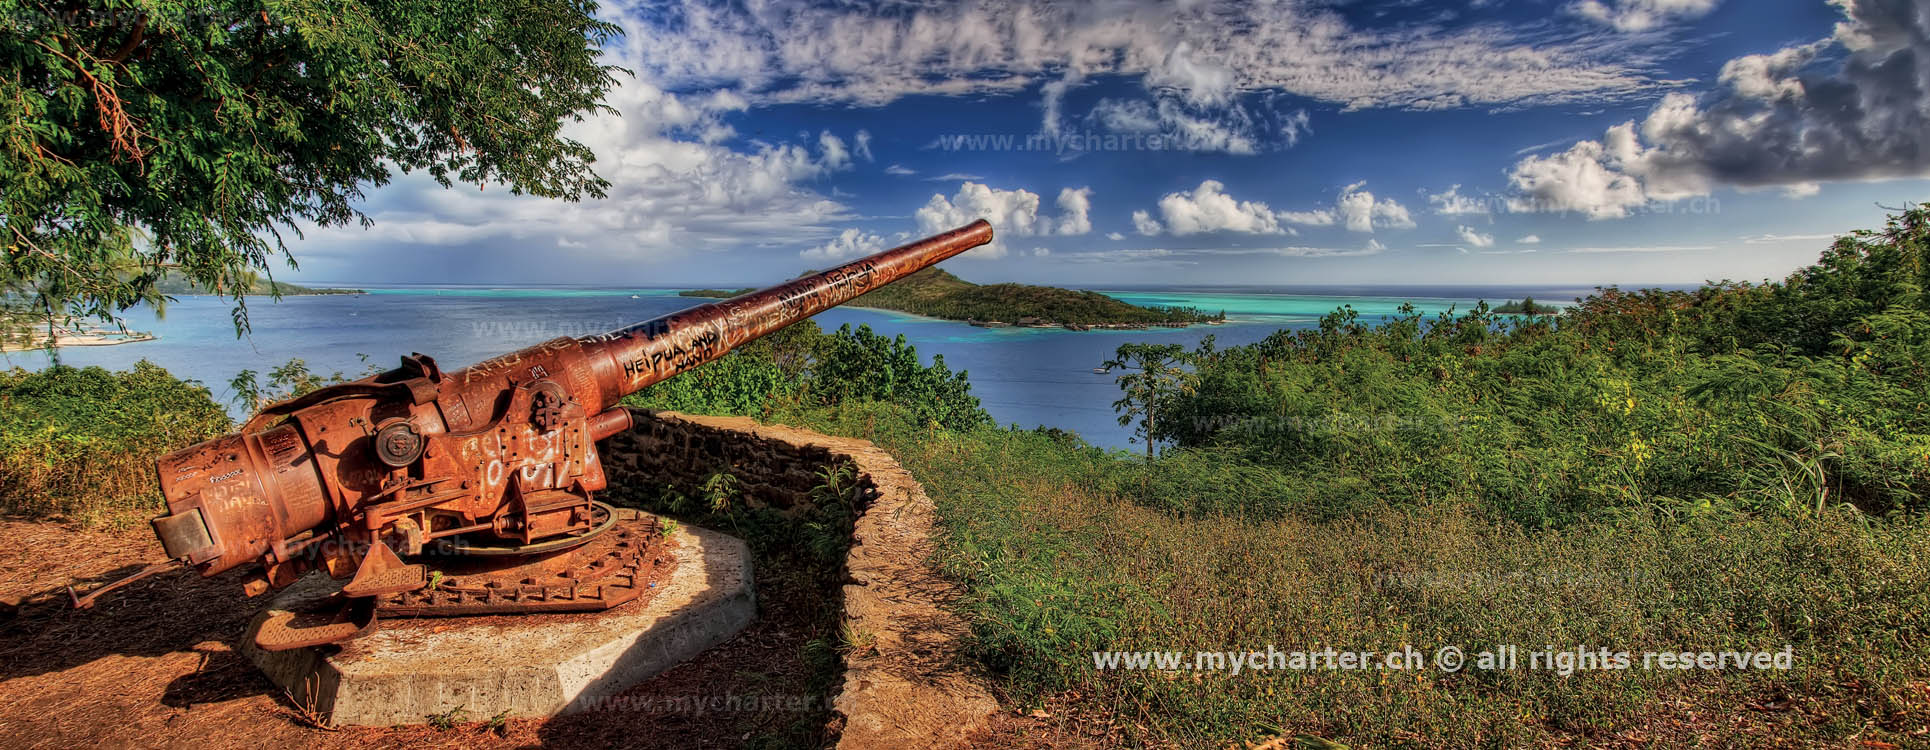 Tahiti Insel Bora Bora